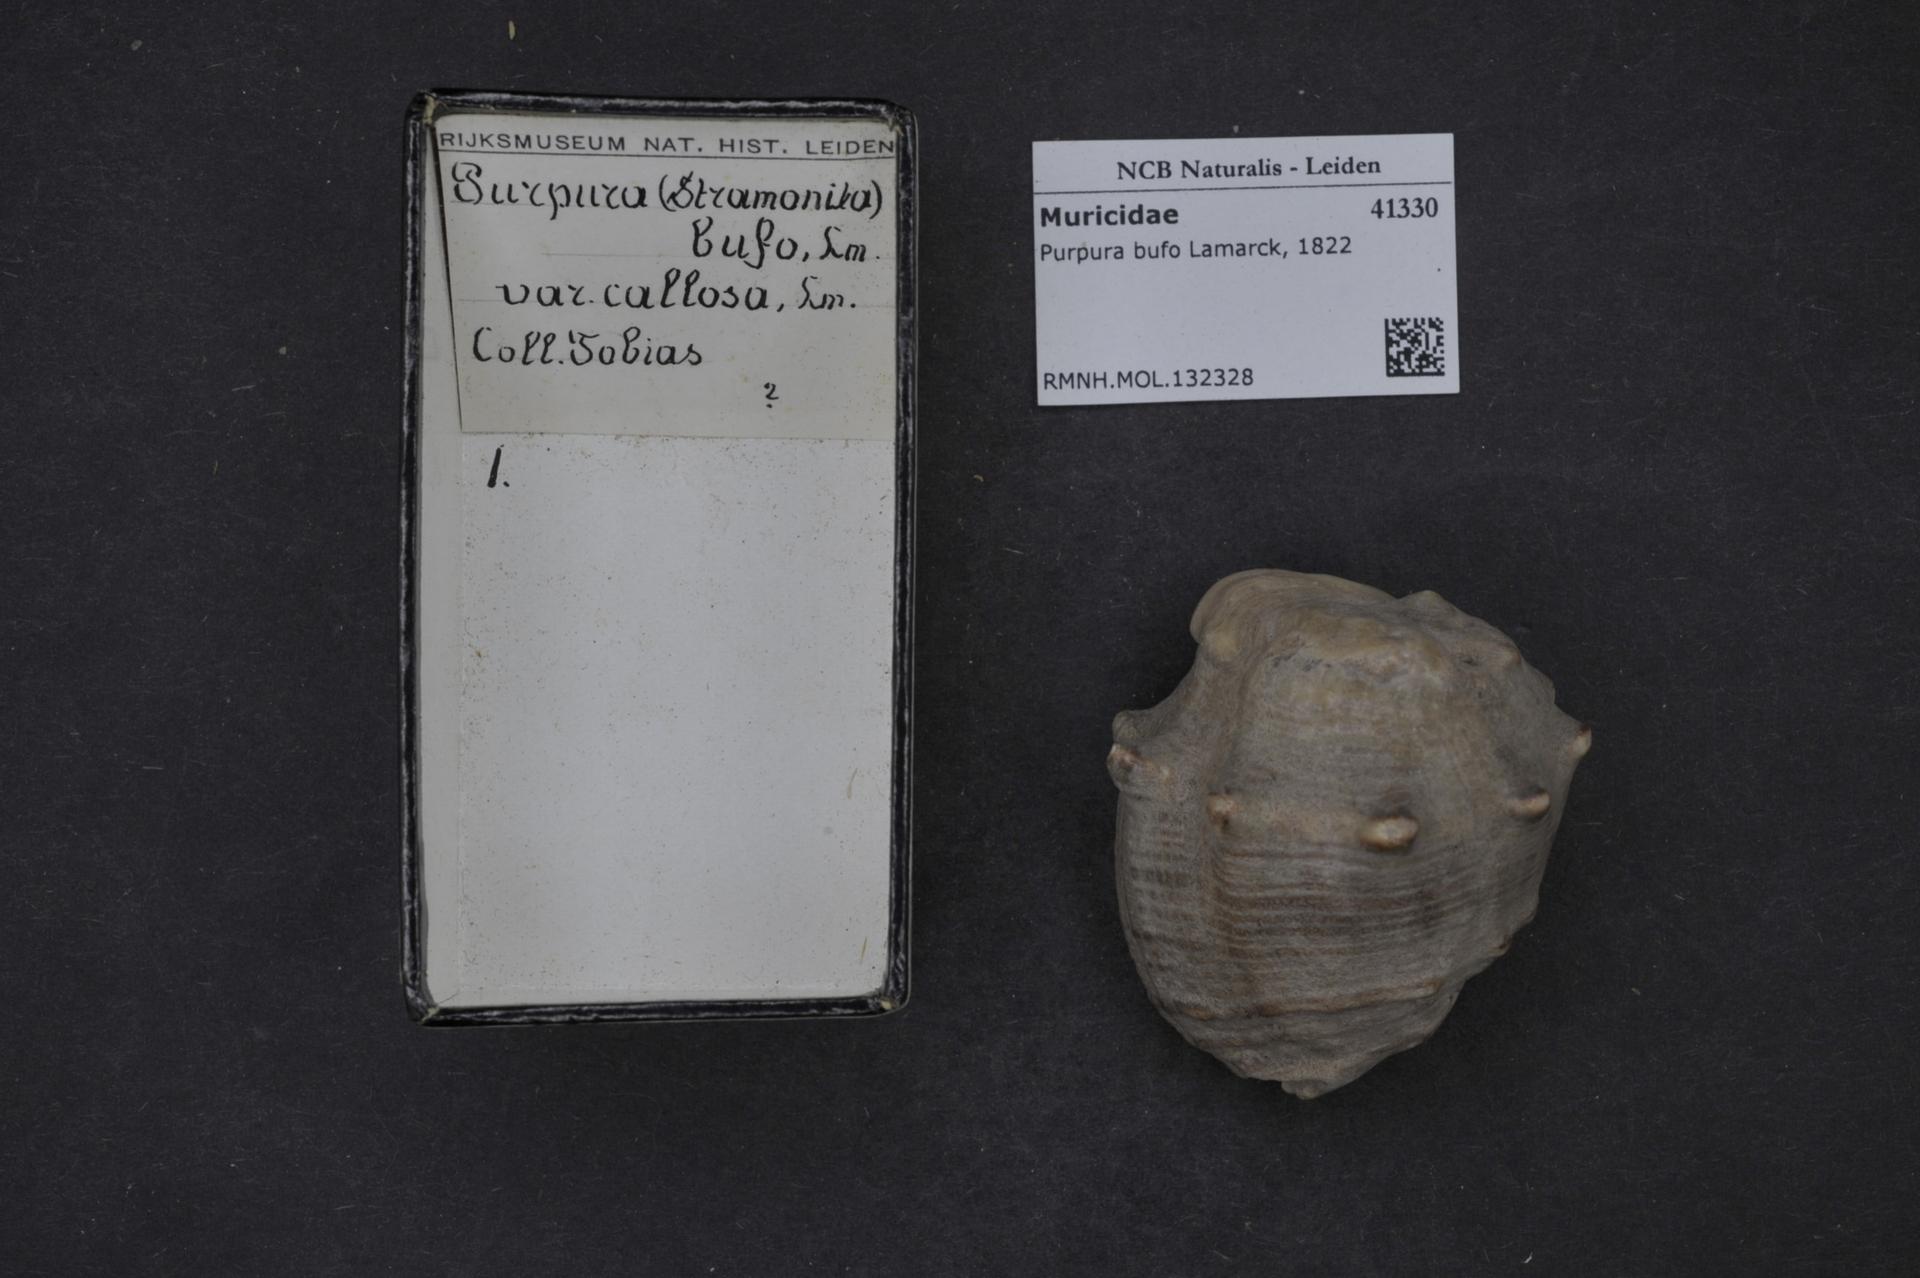 RMNH.MOL.132328 | Purpura bufo Lamarck, 1822